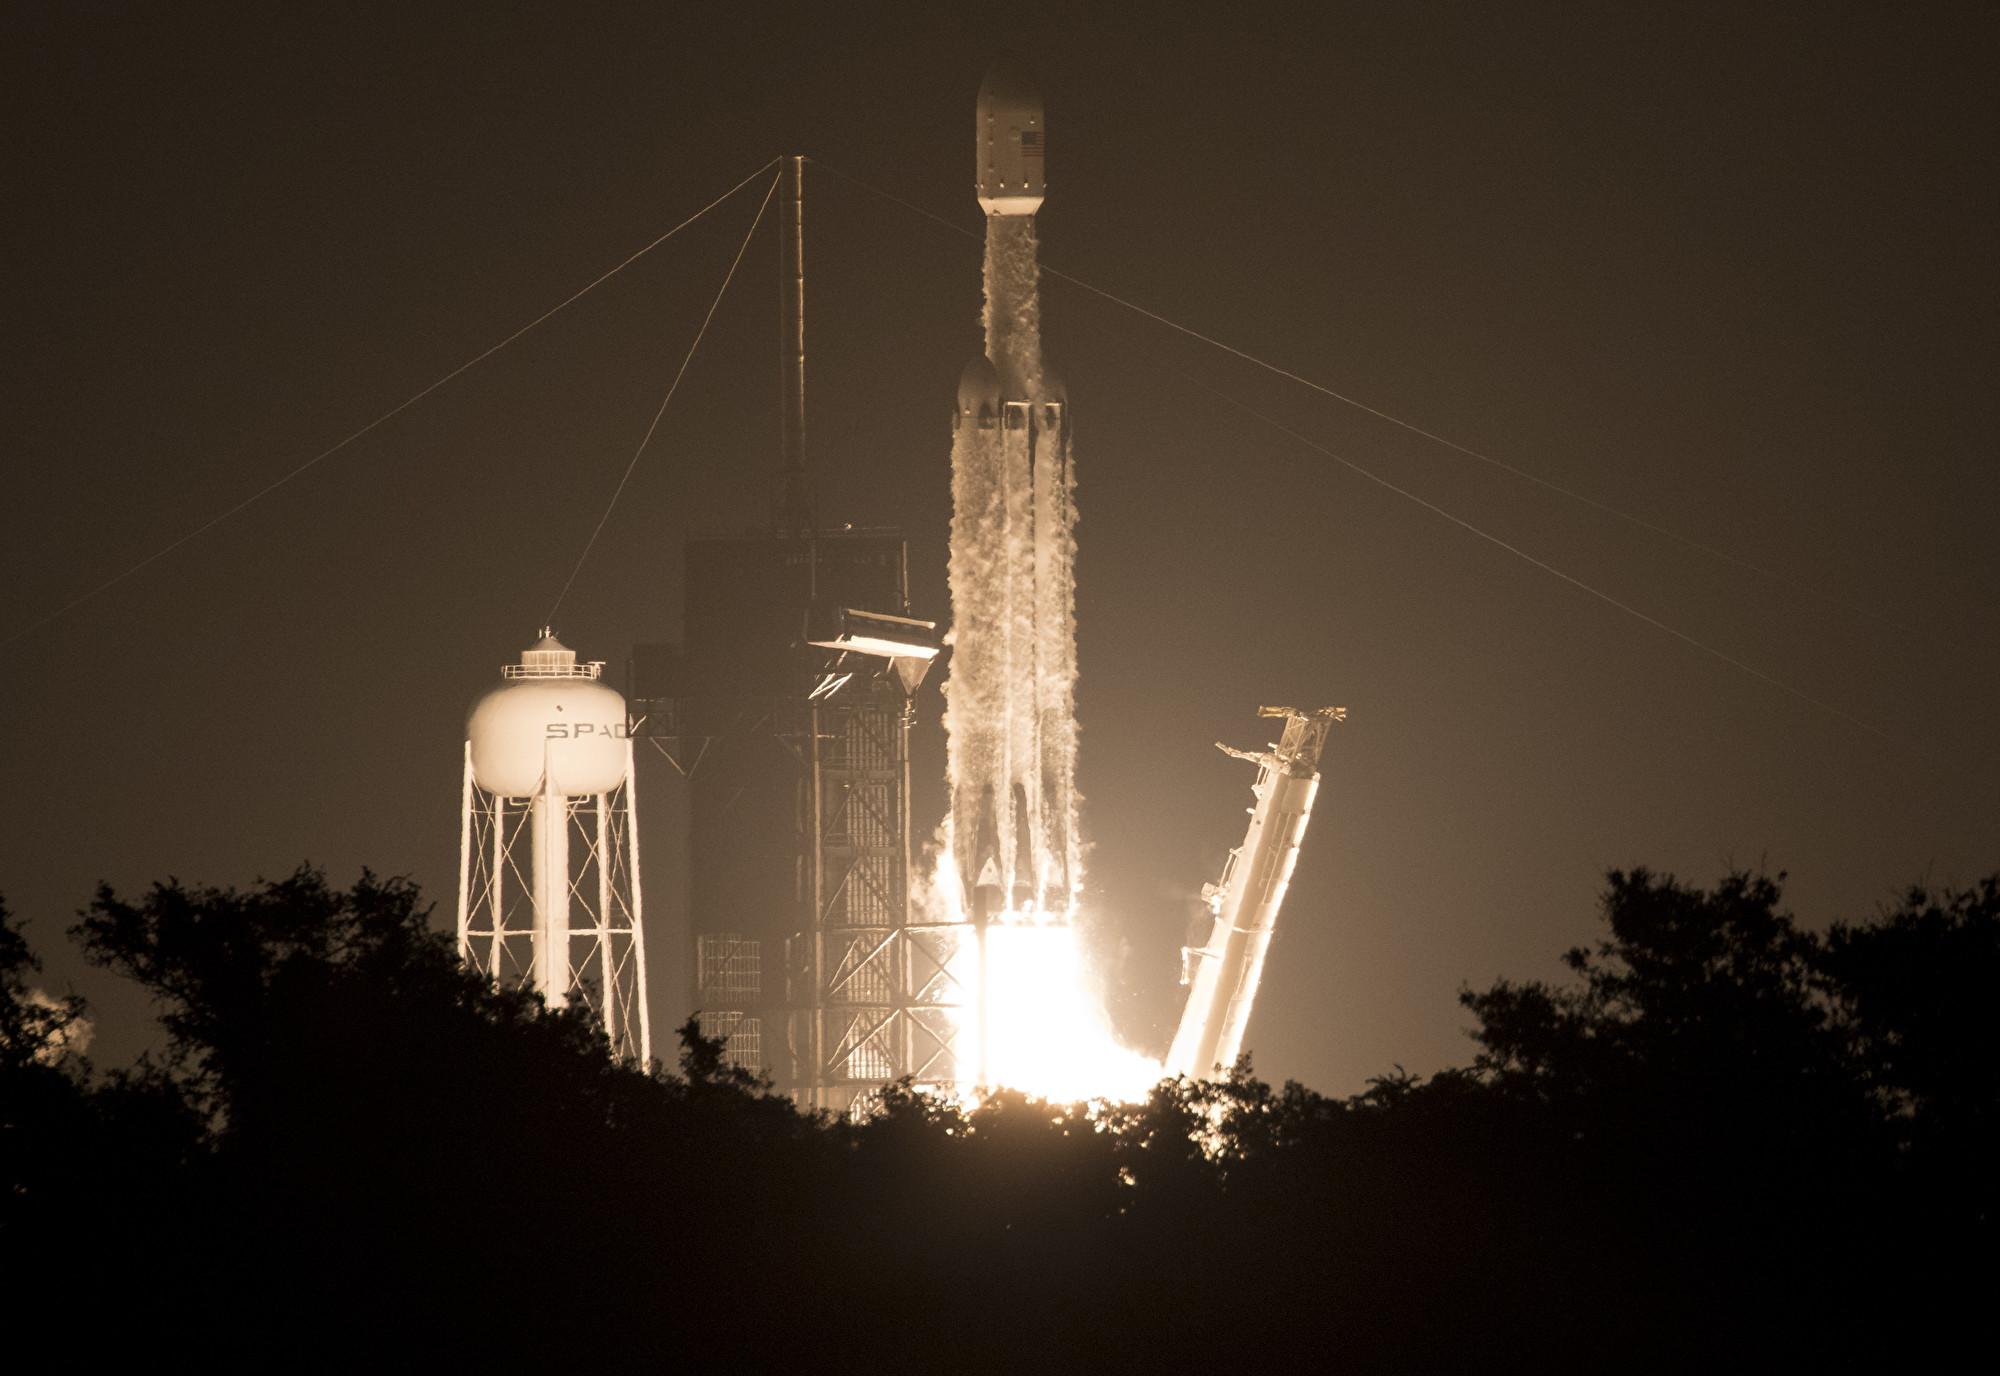 SpaceX獵鷹重型火箭送24顆衛星升空